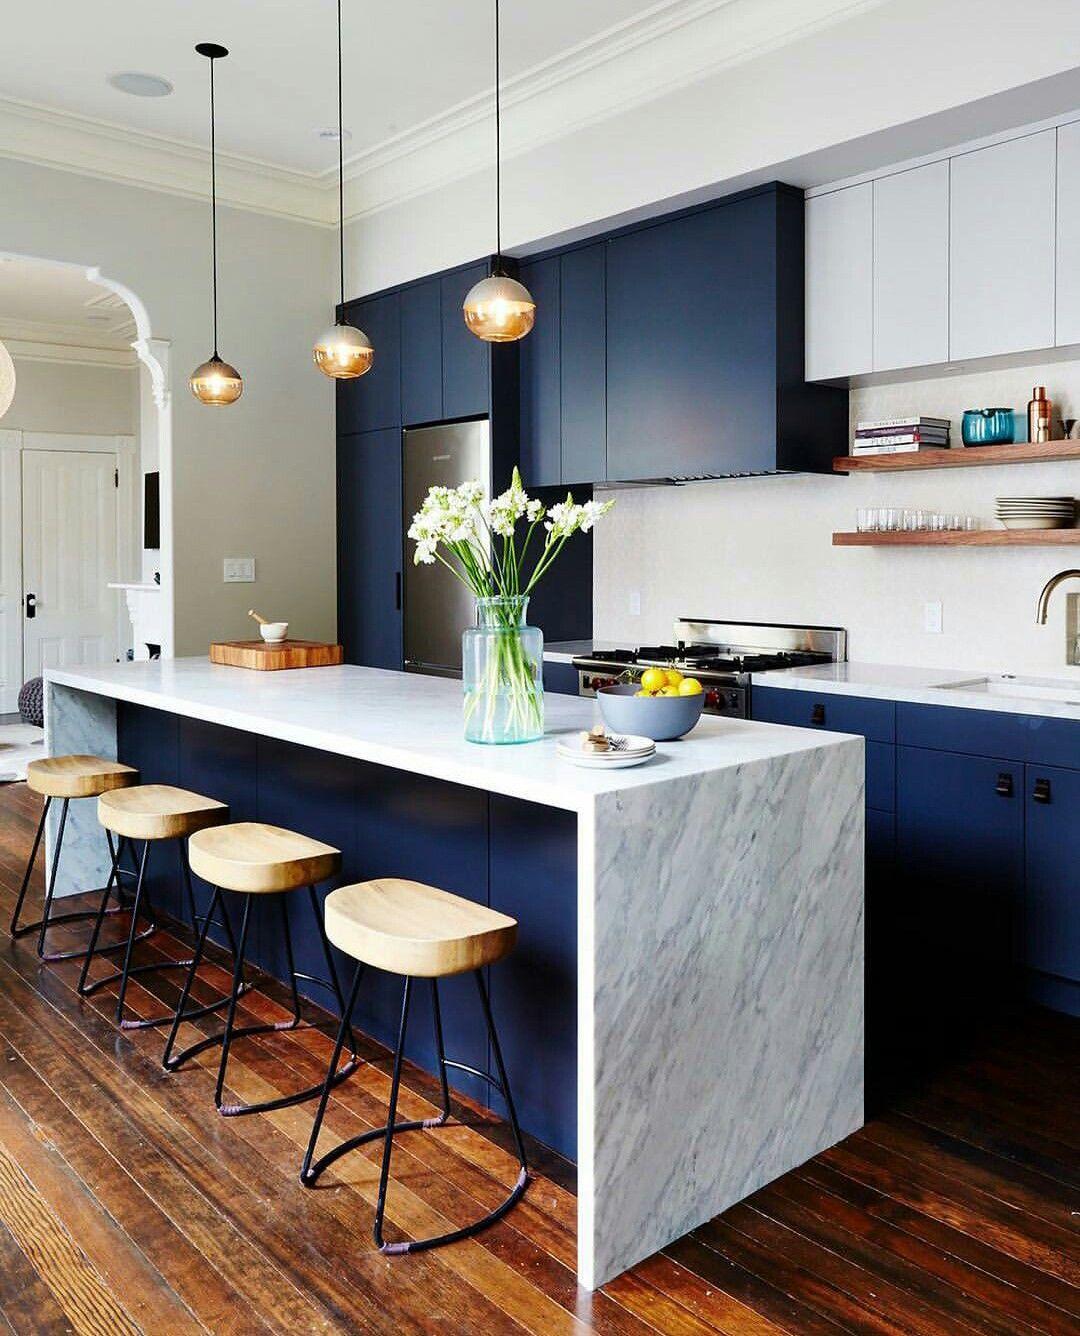 k che inspiration wohne einrichten wohnen kitchen design rh pinterest com